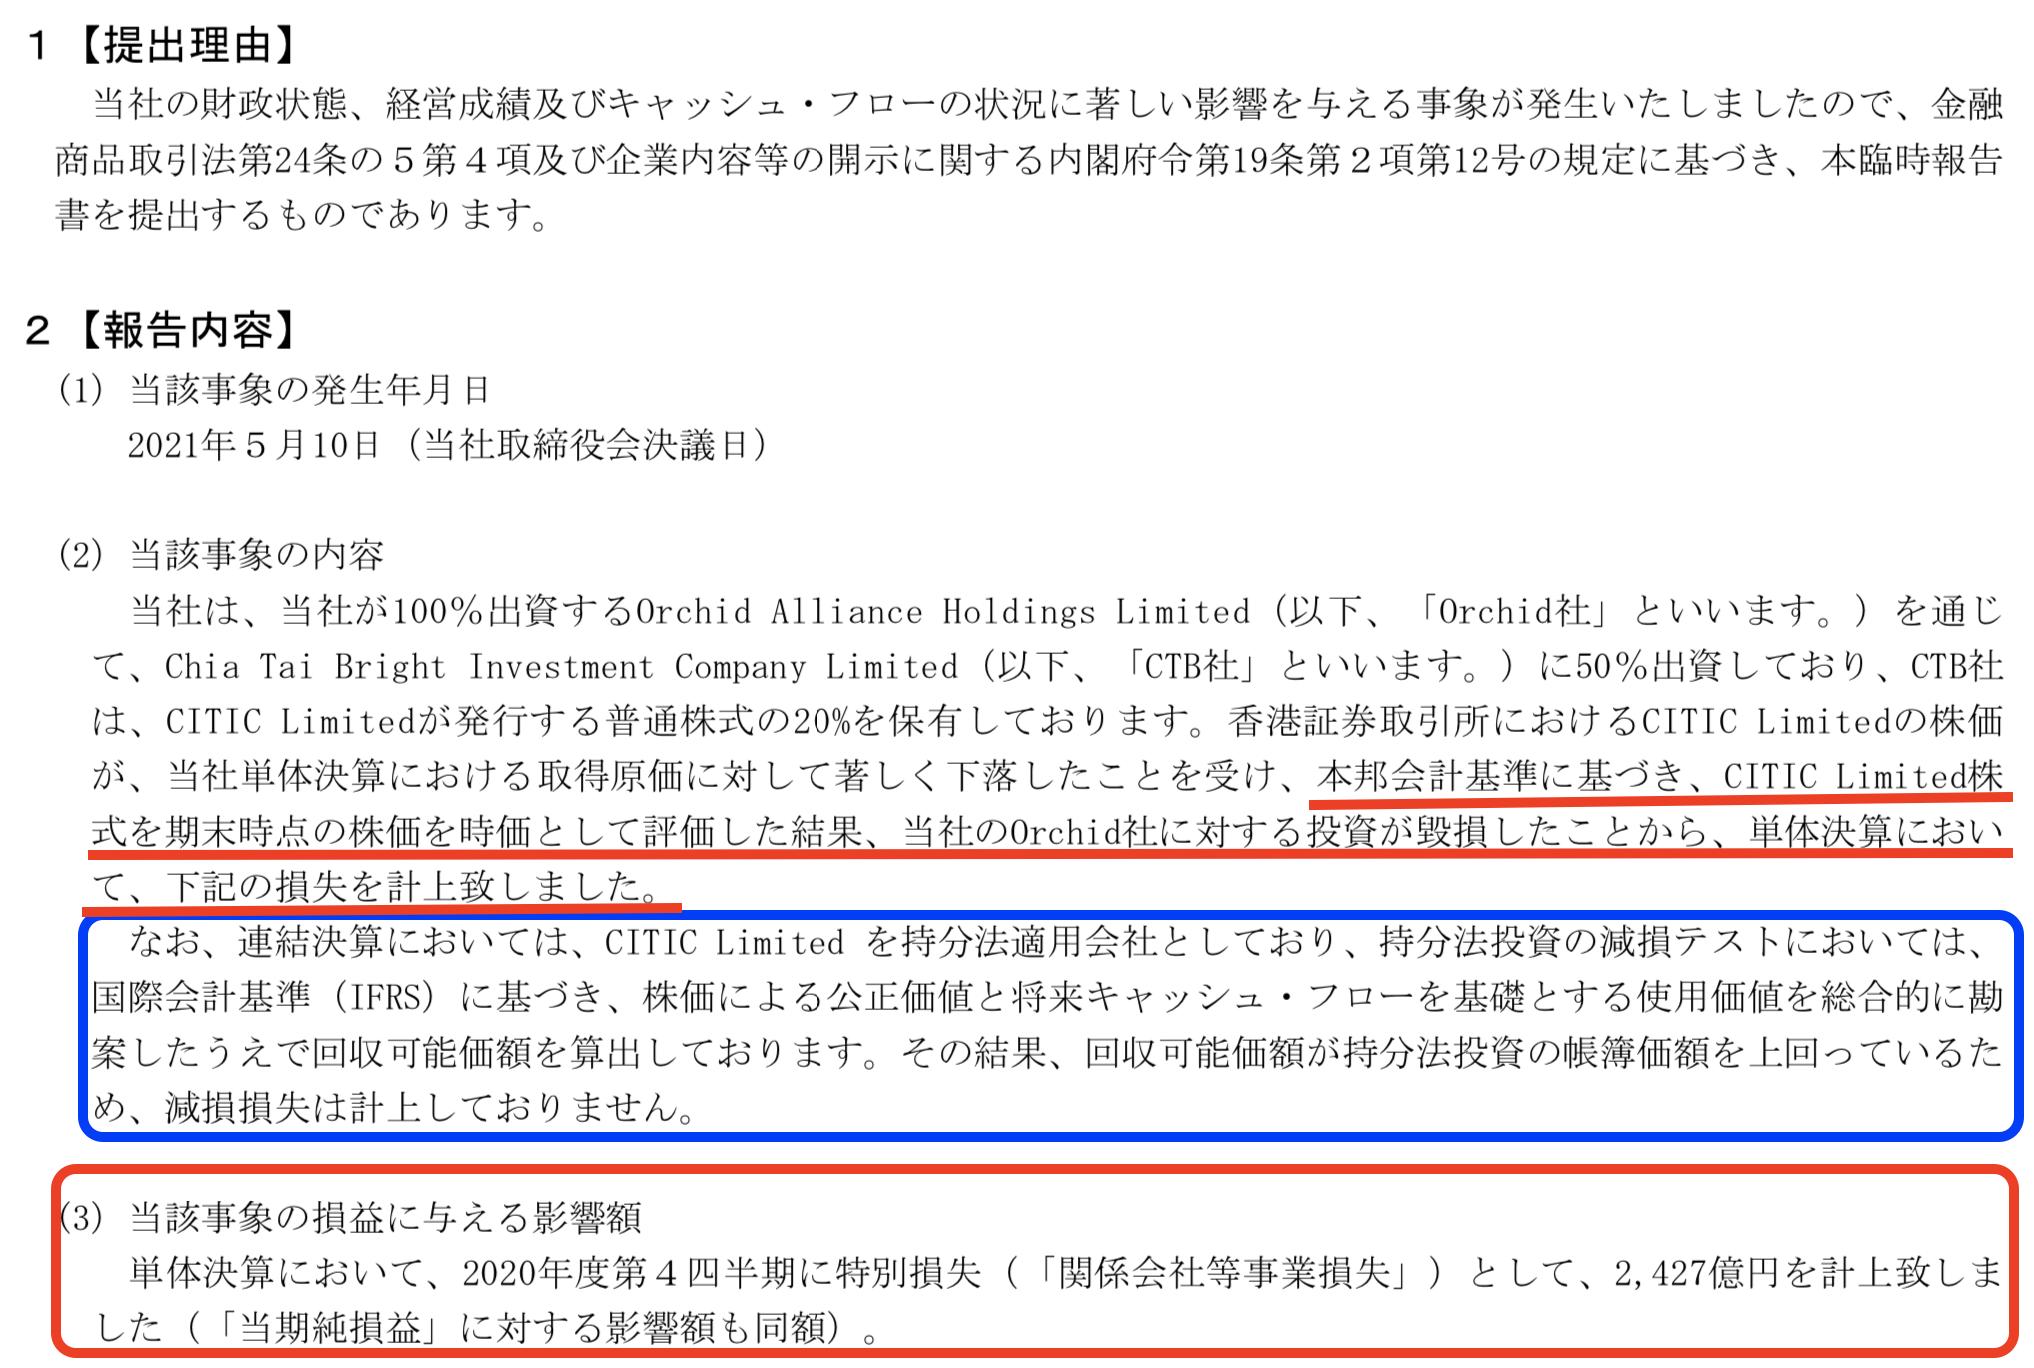 伊藤忠商事株式会社 ホームIR(投資家情報)IR最新情報(適時開示等)臨時報告書